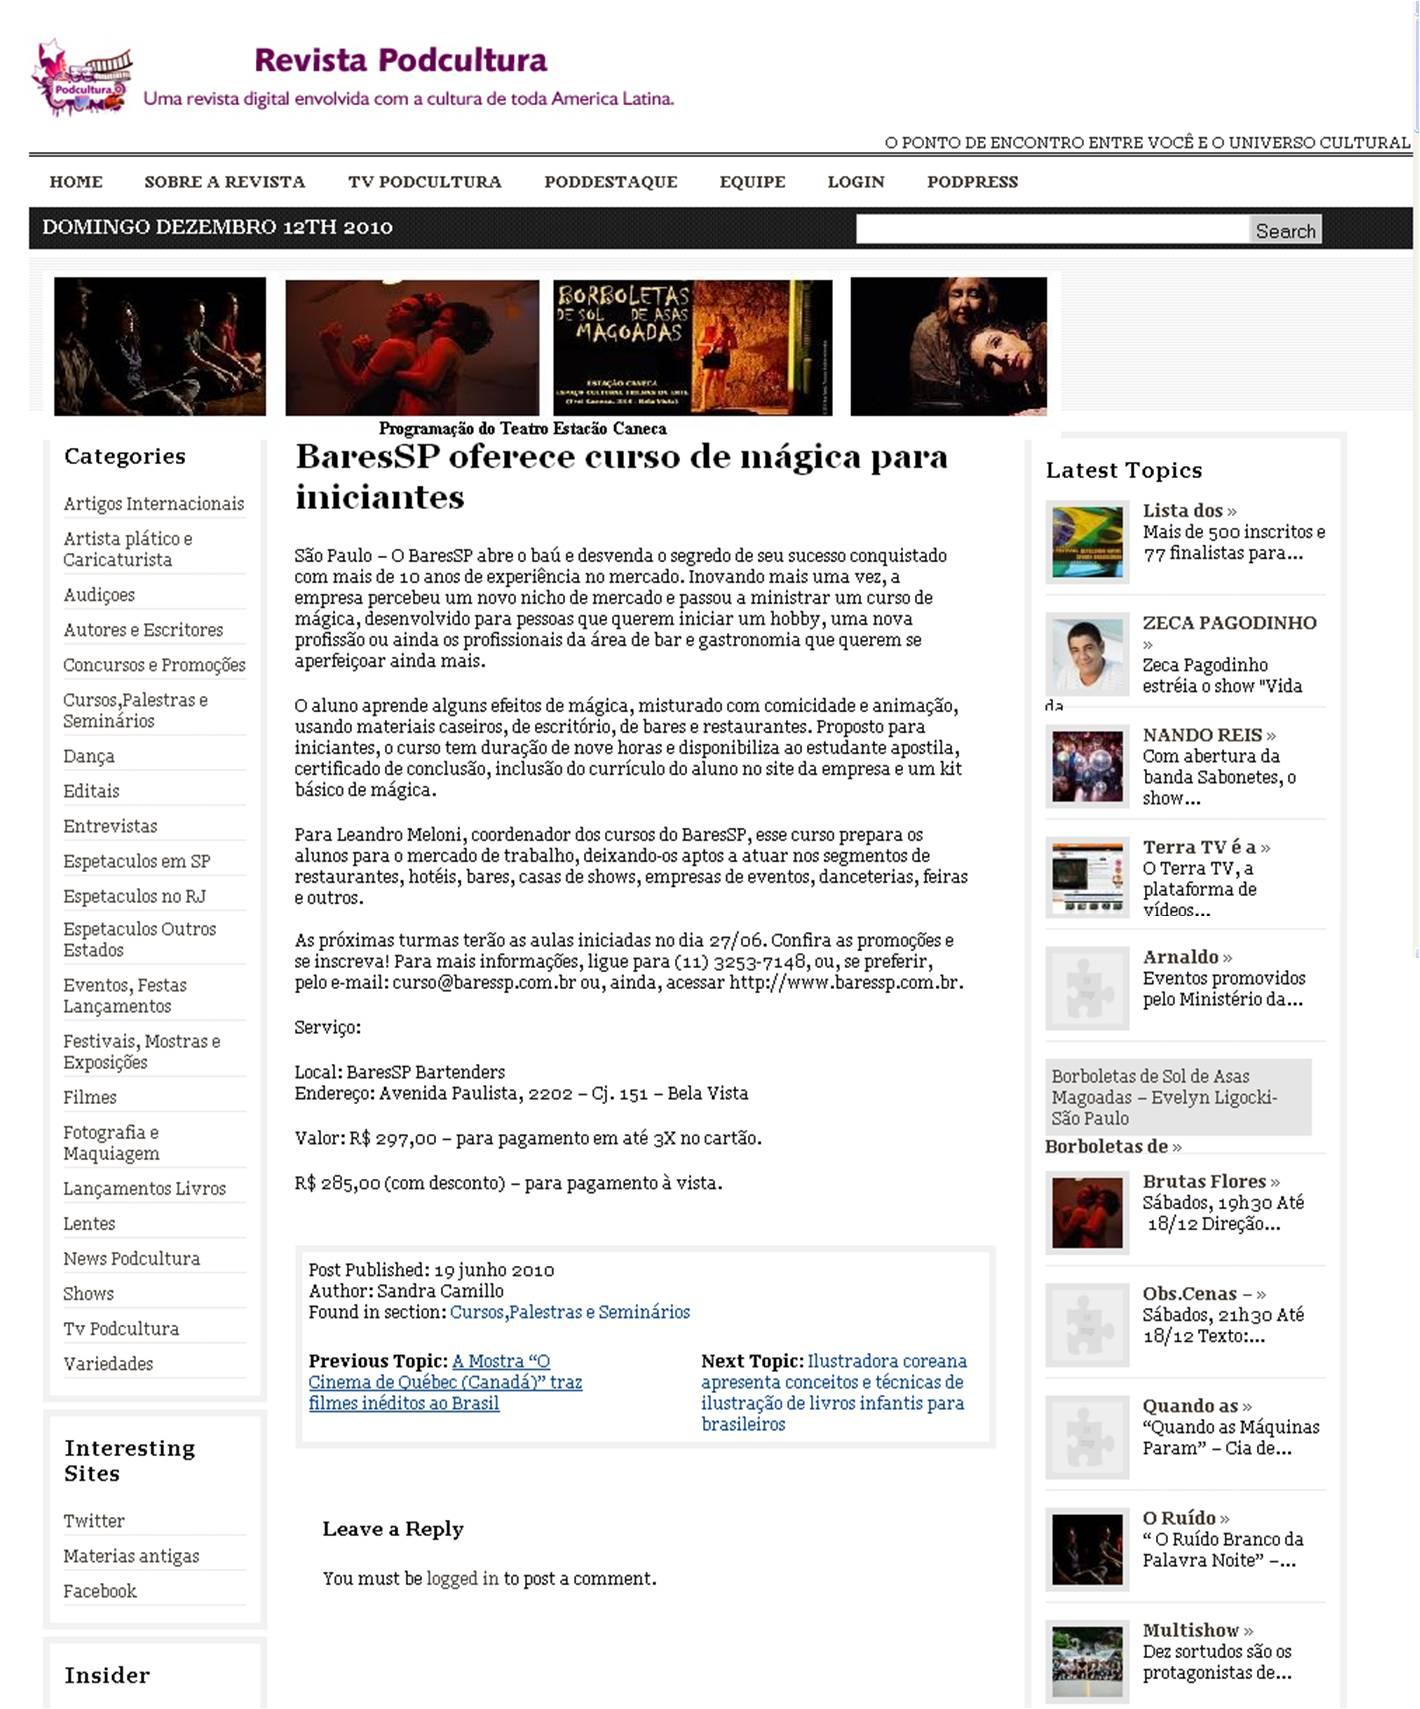 Curso de mágica do BaresSP na revista digital Podcultura BaresSP image